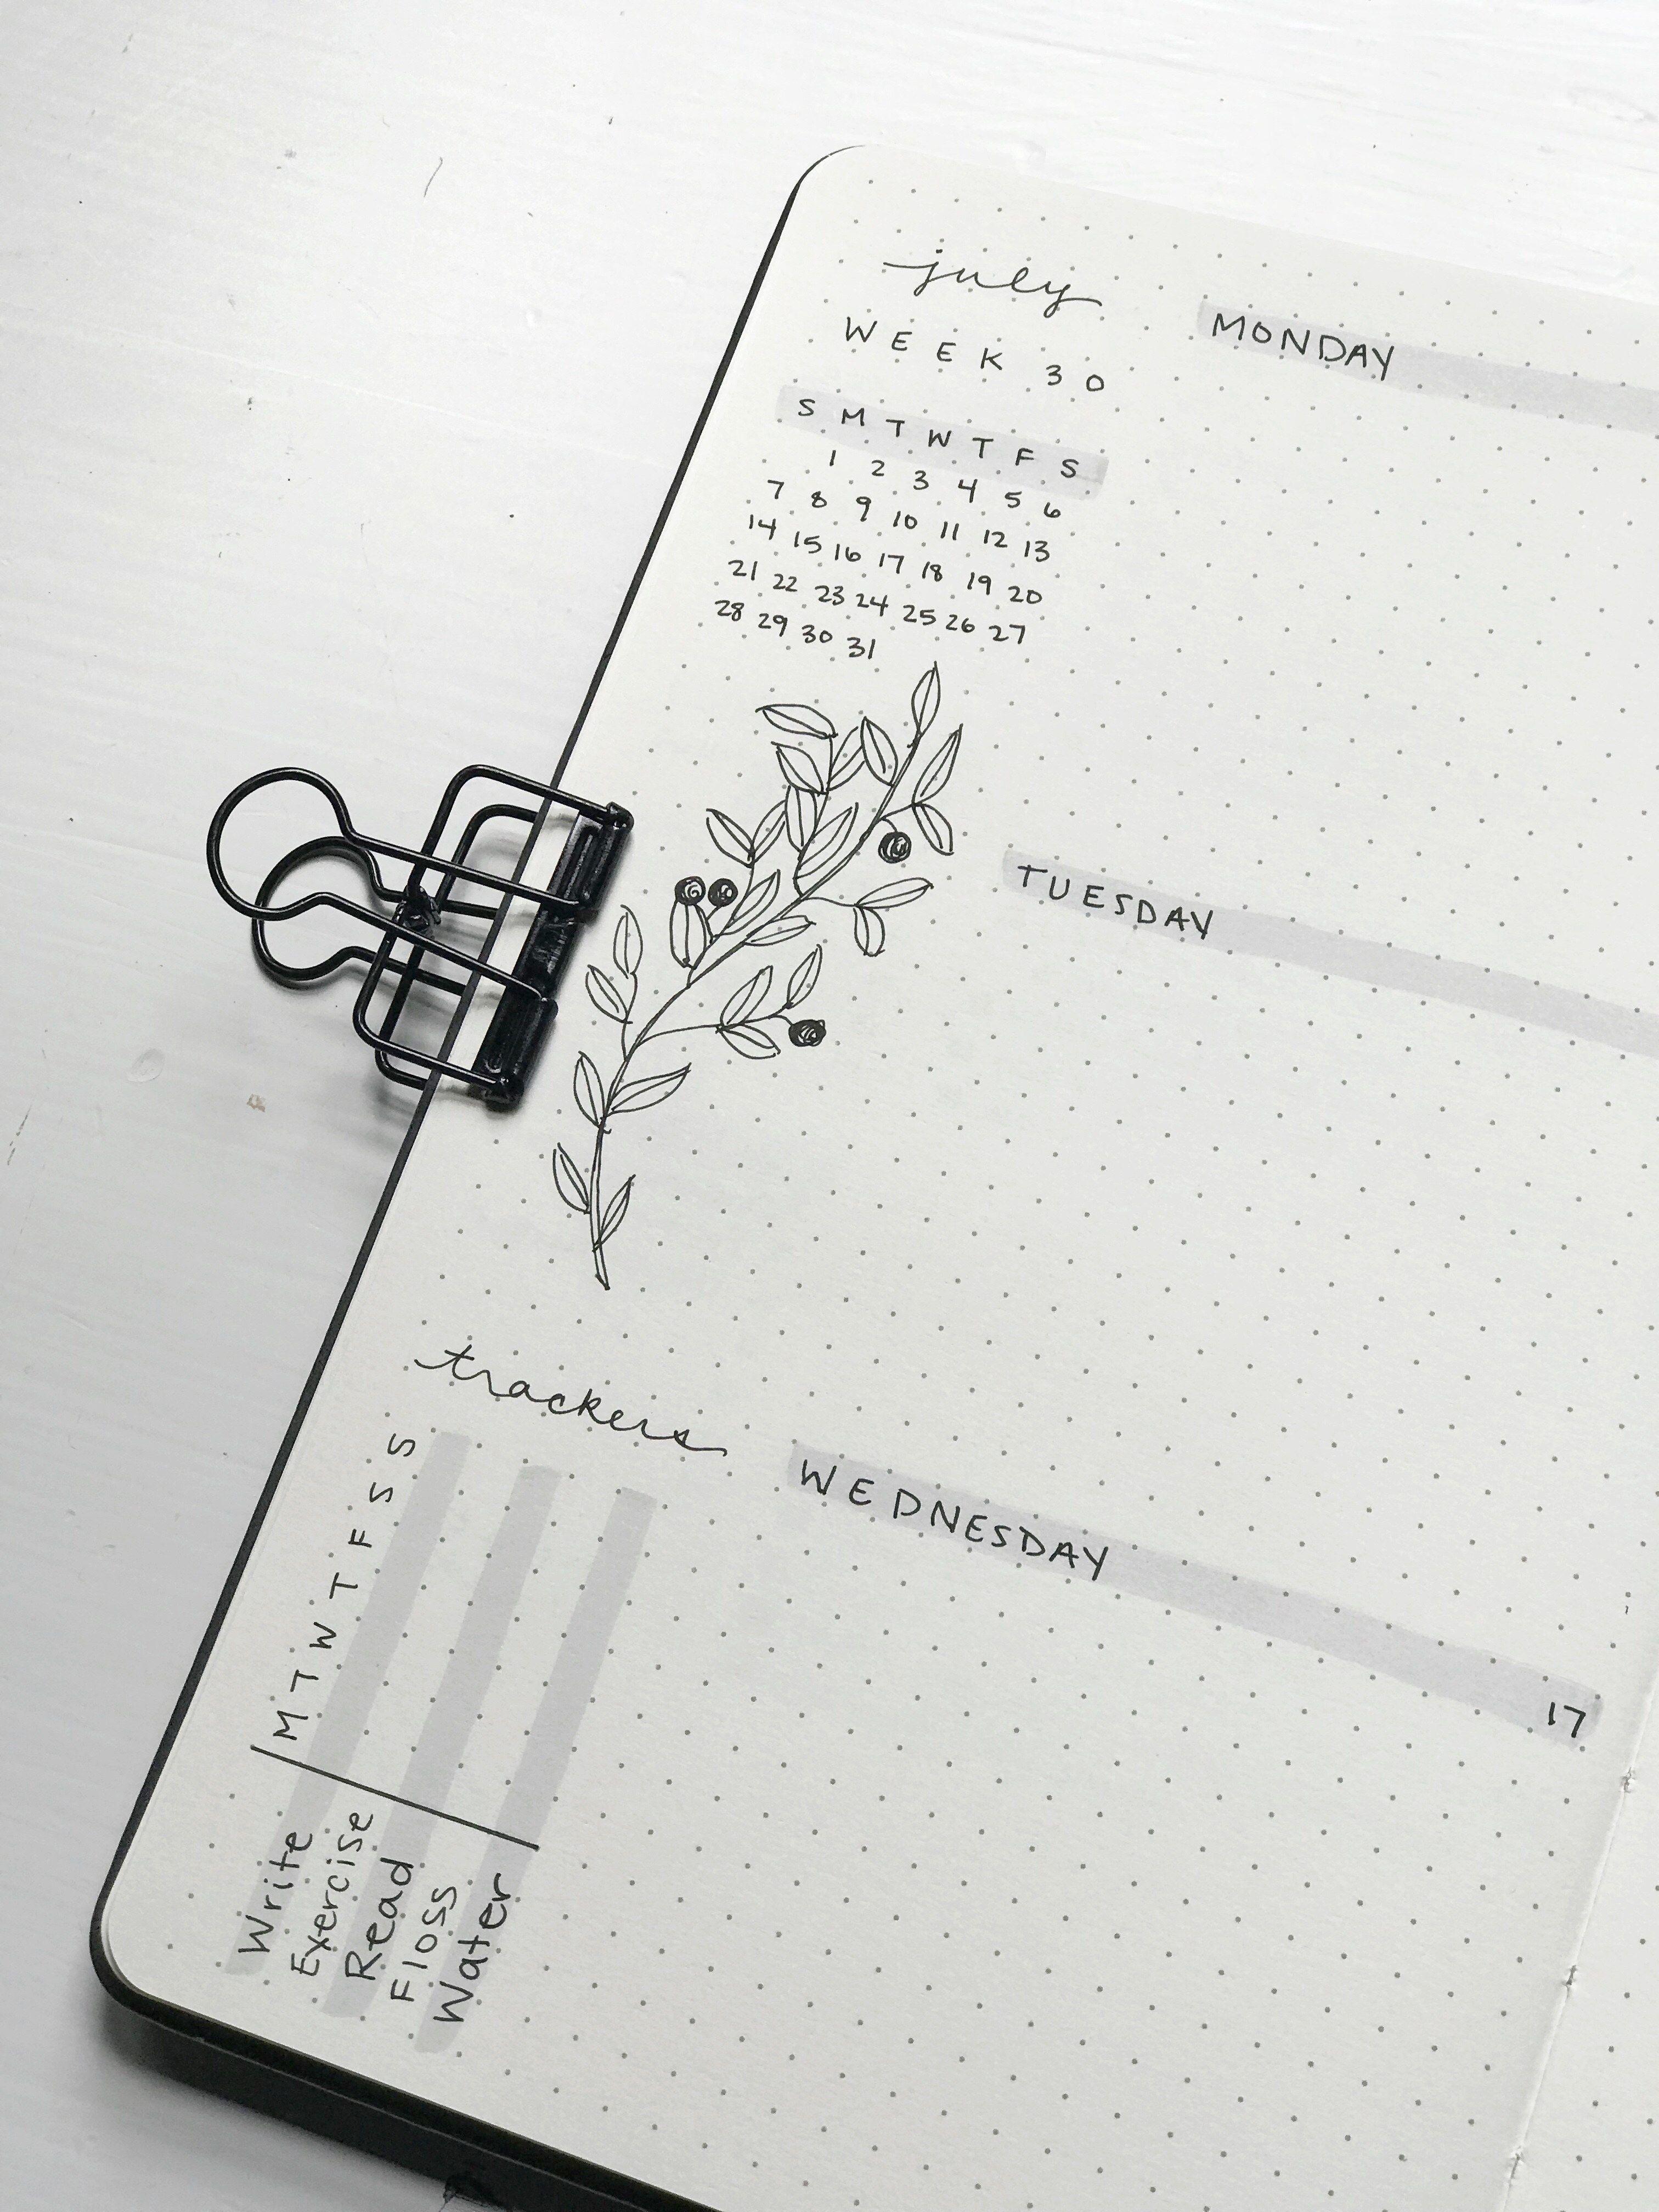 Minimalistisches Bullet Journal wöchentlich verteilt auf Seite und Design Beeren doodles Bujo Inspiration und verbreitet Journaling-Ideen ästhetisch ... - #bullet #design #journal #minimalistisches #seite #verteilt #wochentlich - #new #loveaesthetics